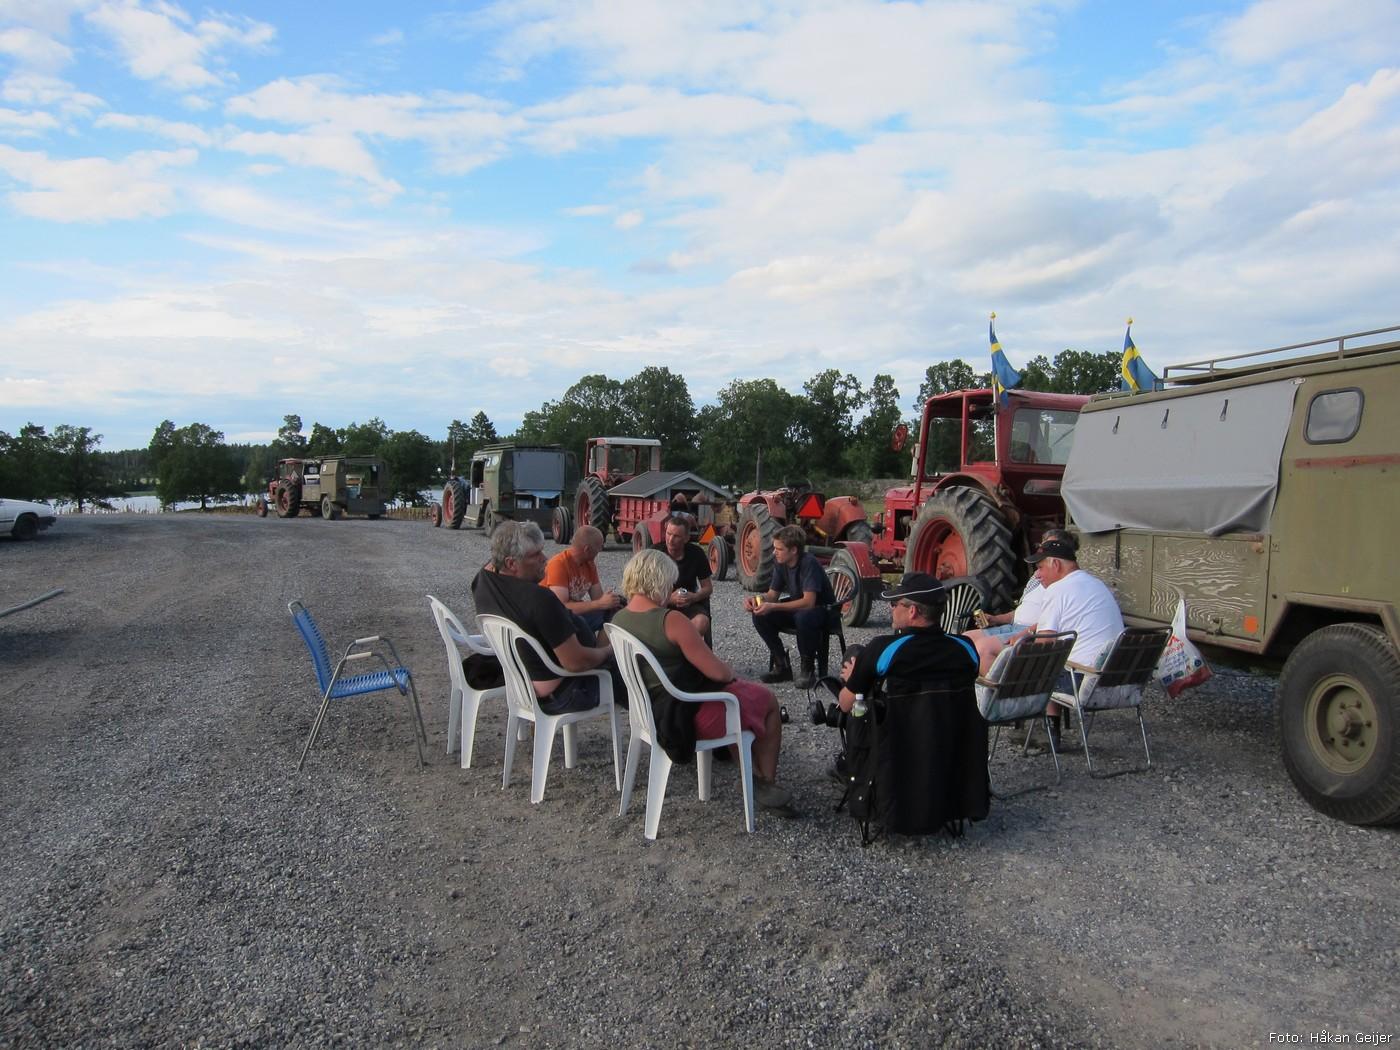 2013-07-20_086_Traktorresa